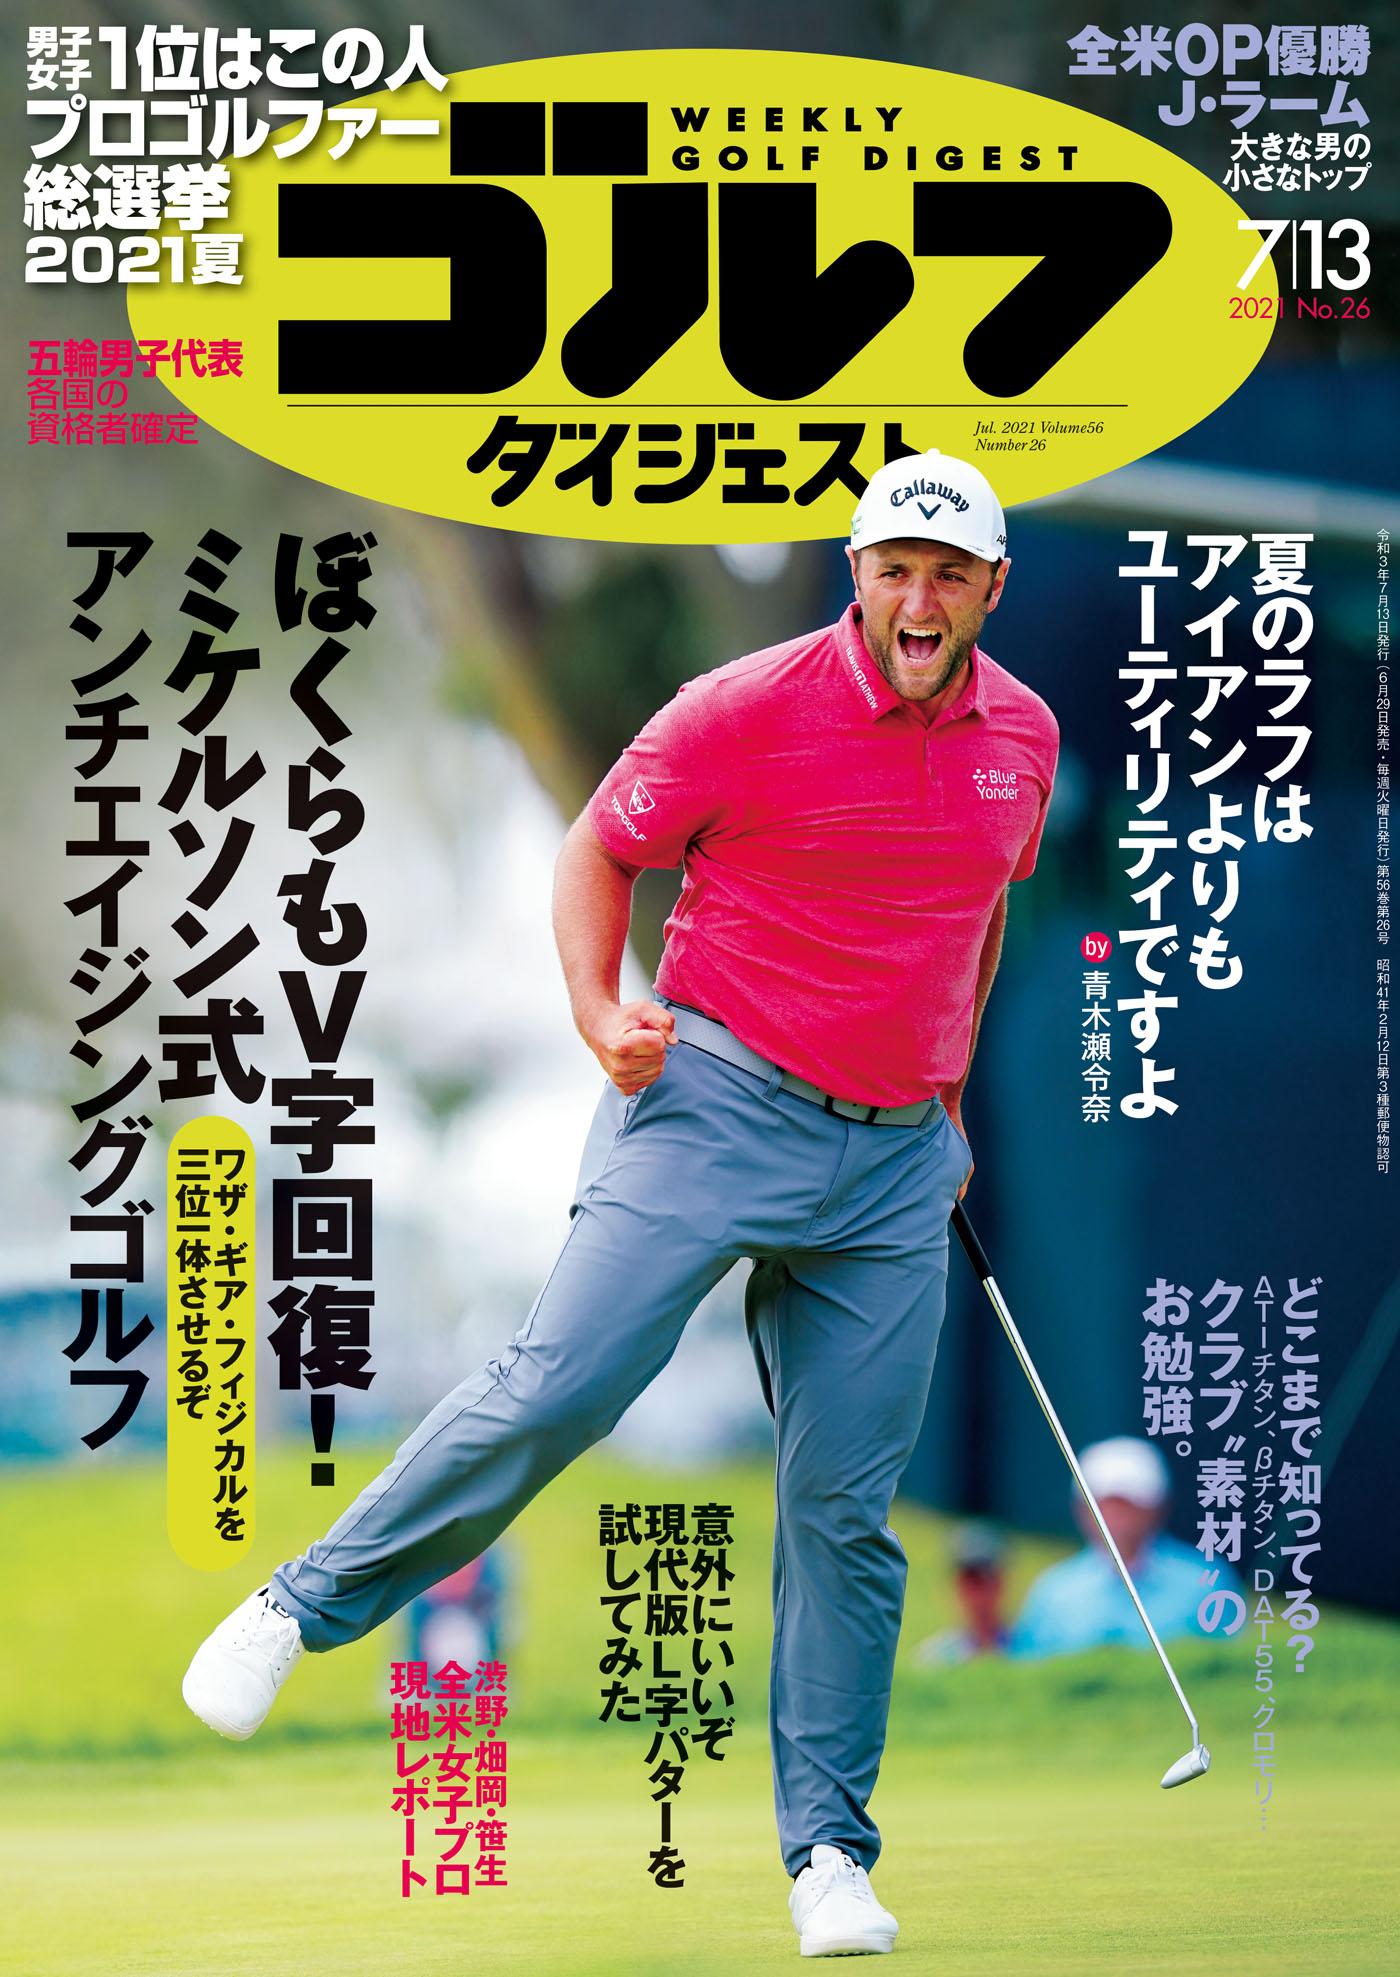 週刊ゴルフダイジェスト2021年7月13日号